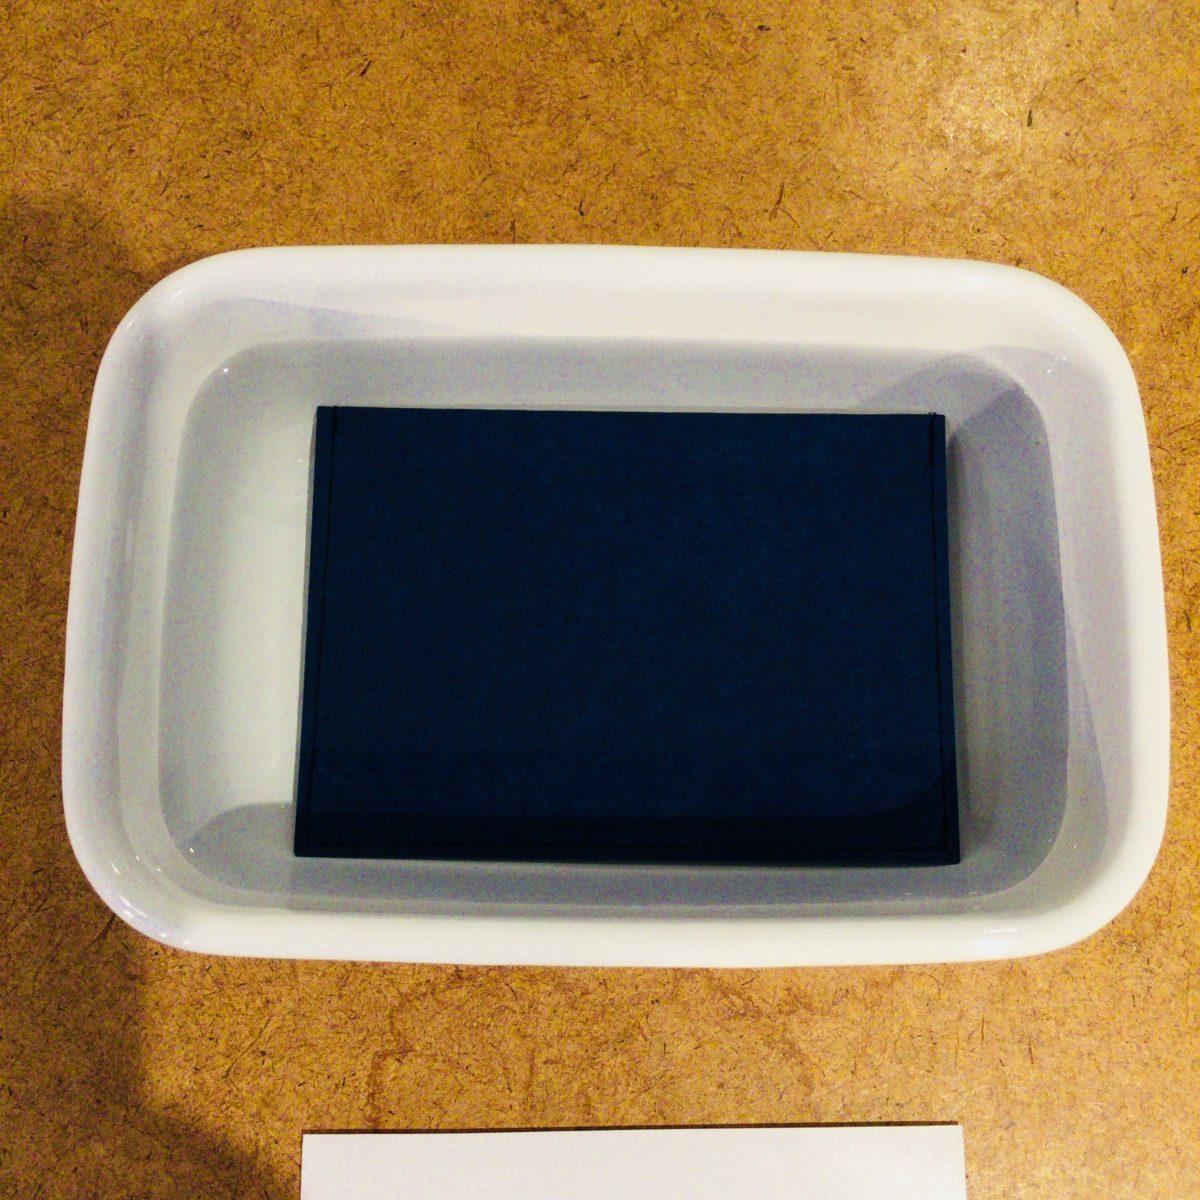 S I W A | 紙 和の耐水性テスト